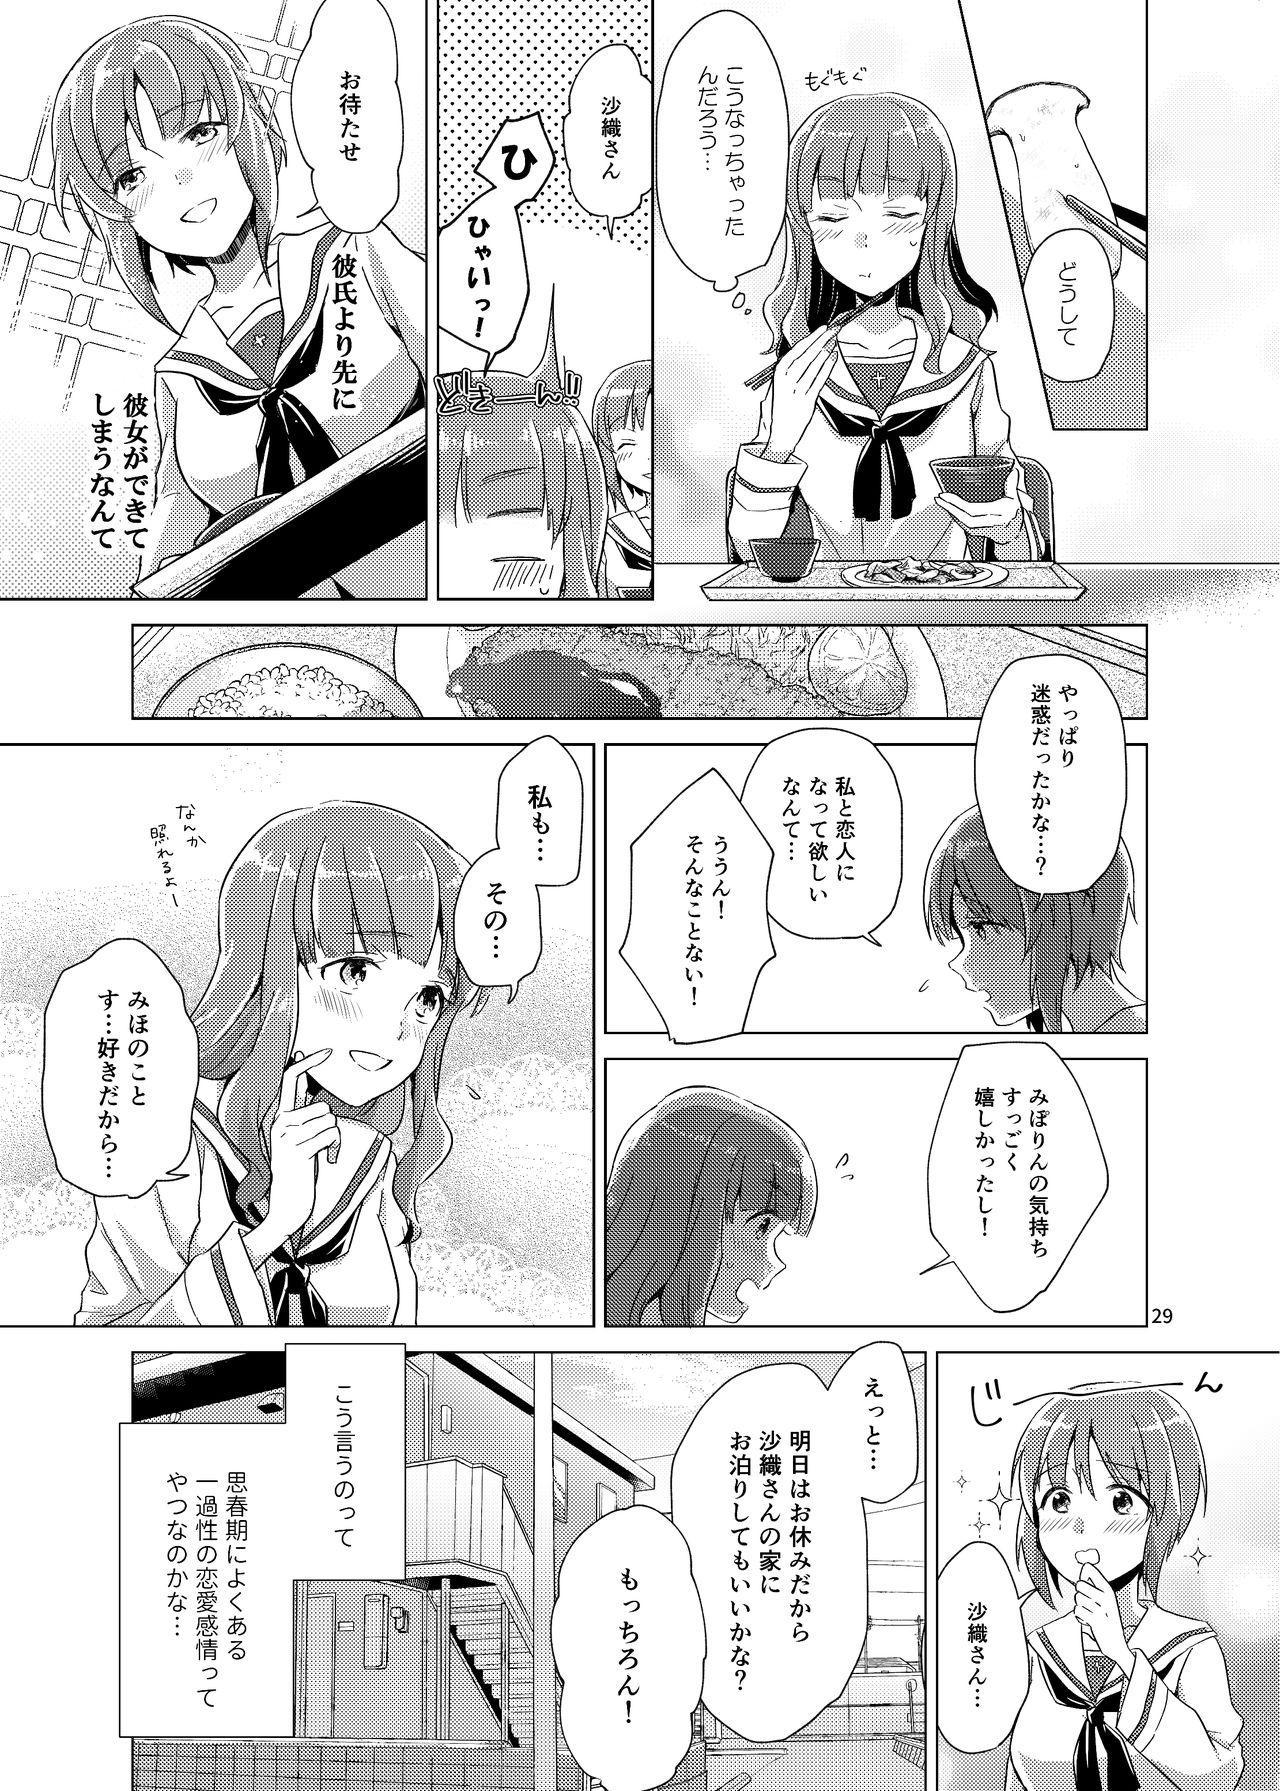 Saori-san, Tsukiatte Kudasai! 27